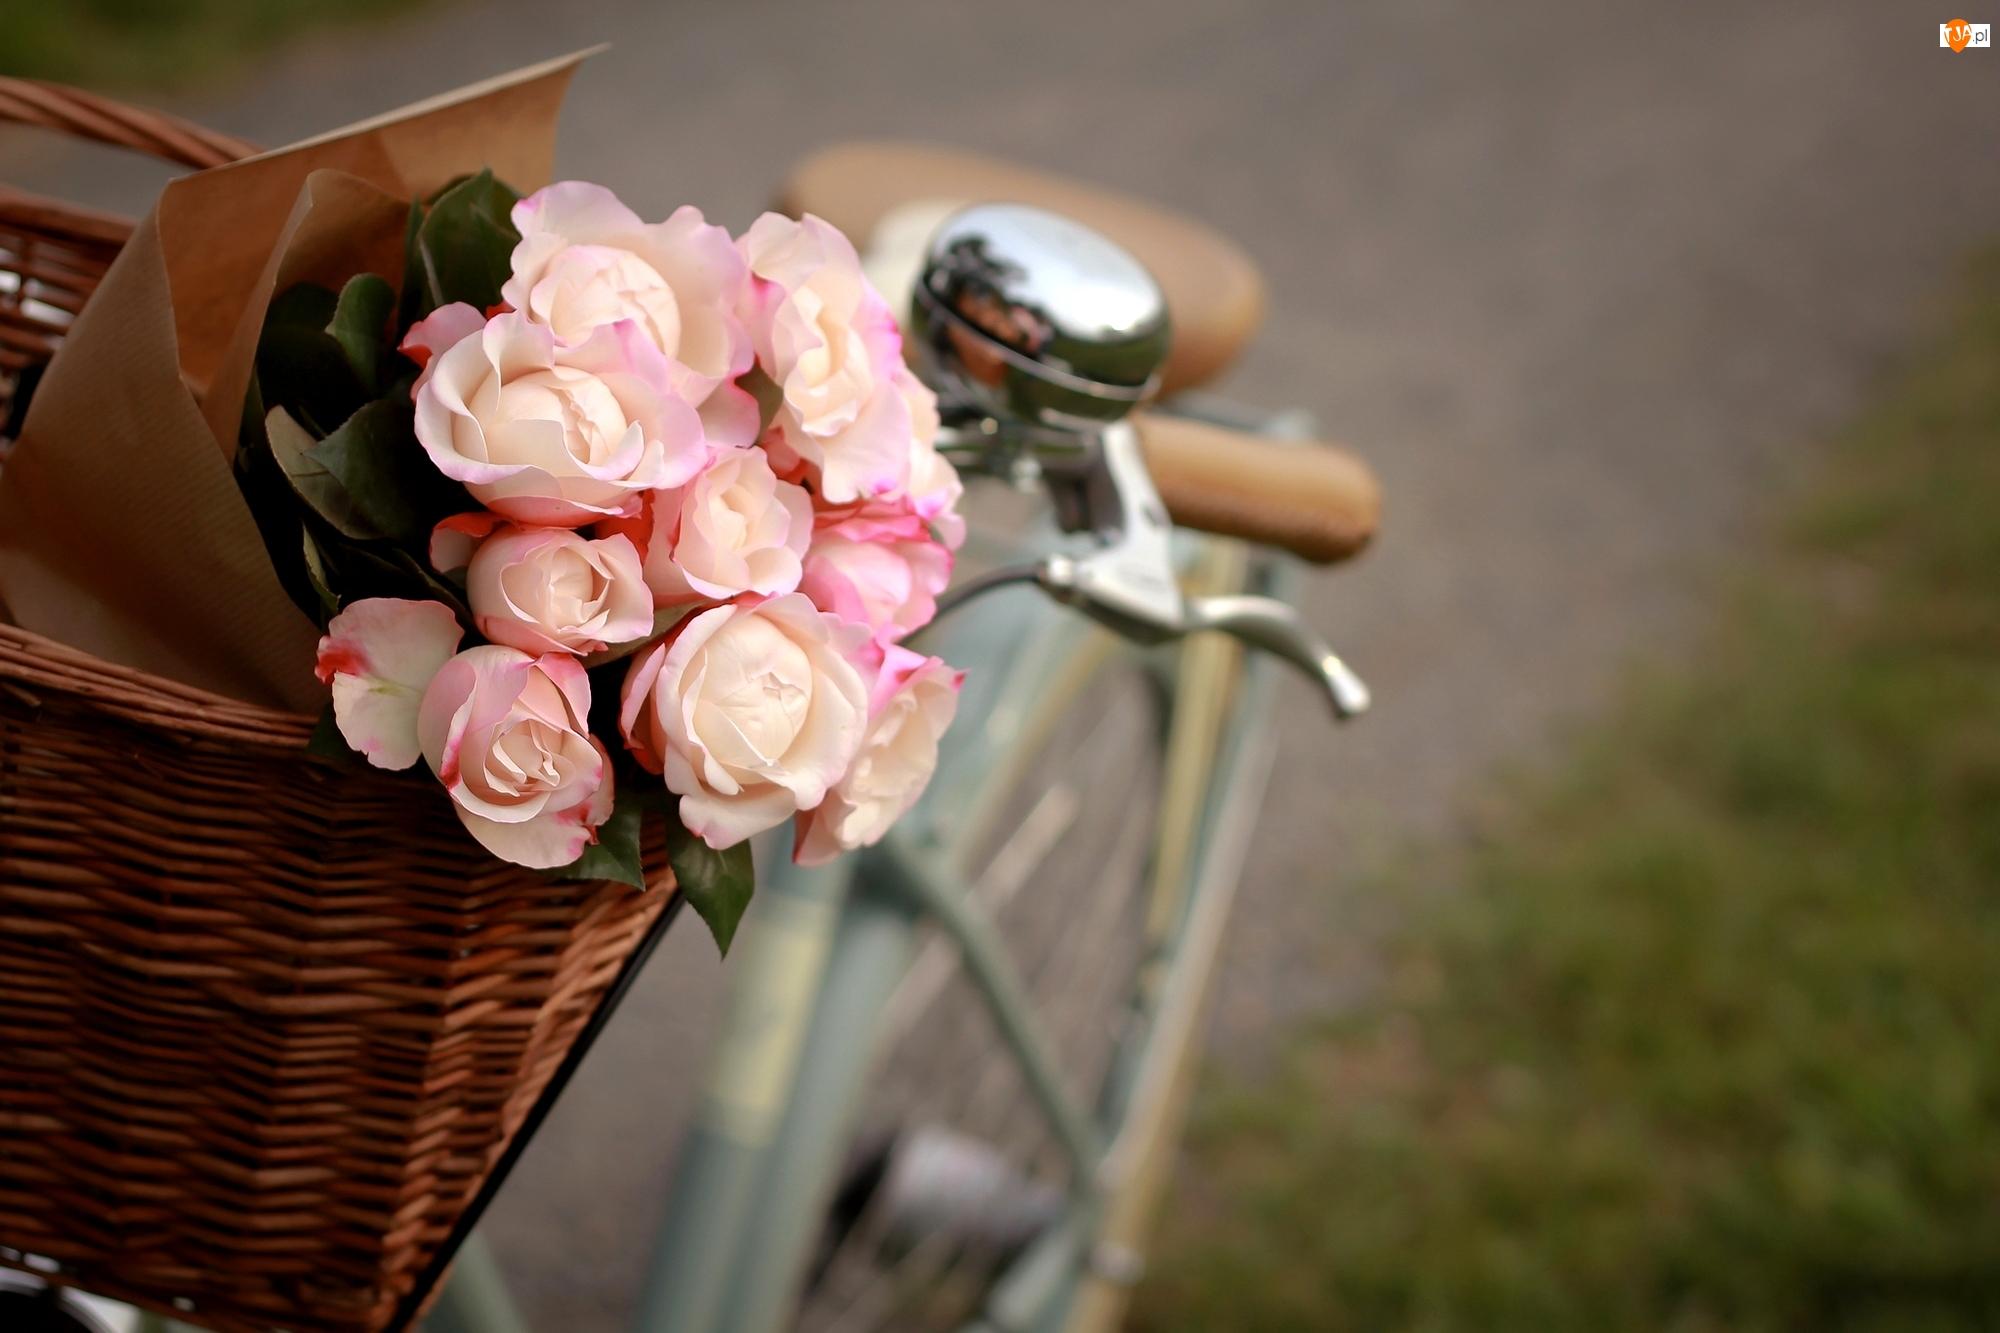 Rozmyte, Kosz, Róże, Różowe, Tło, Bukiet, Rower